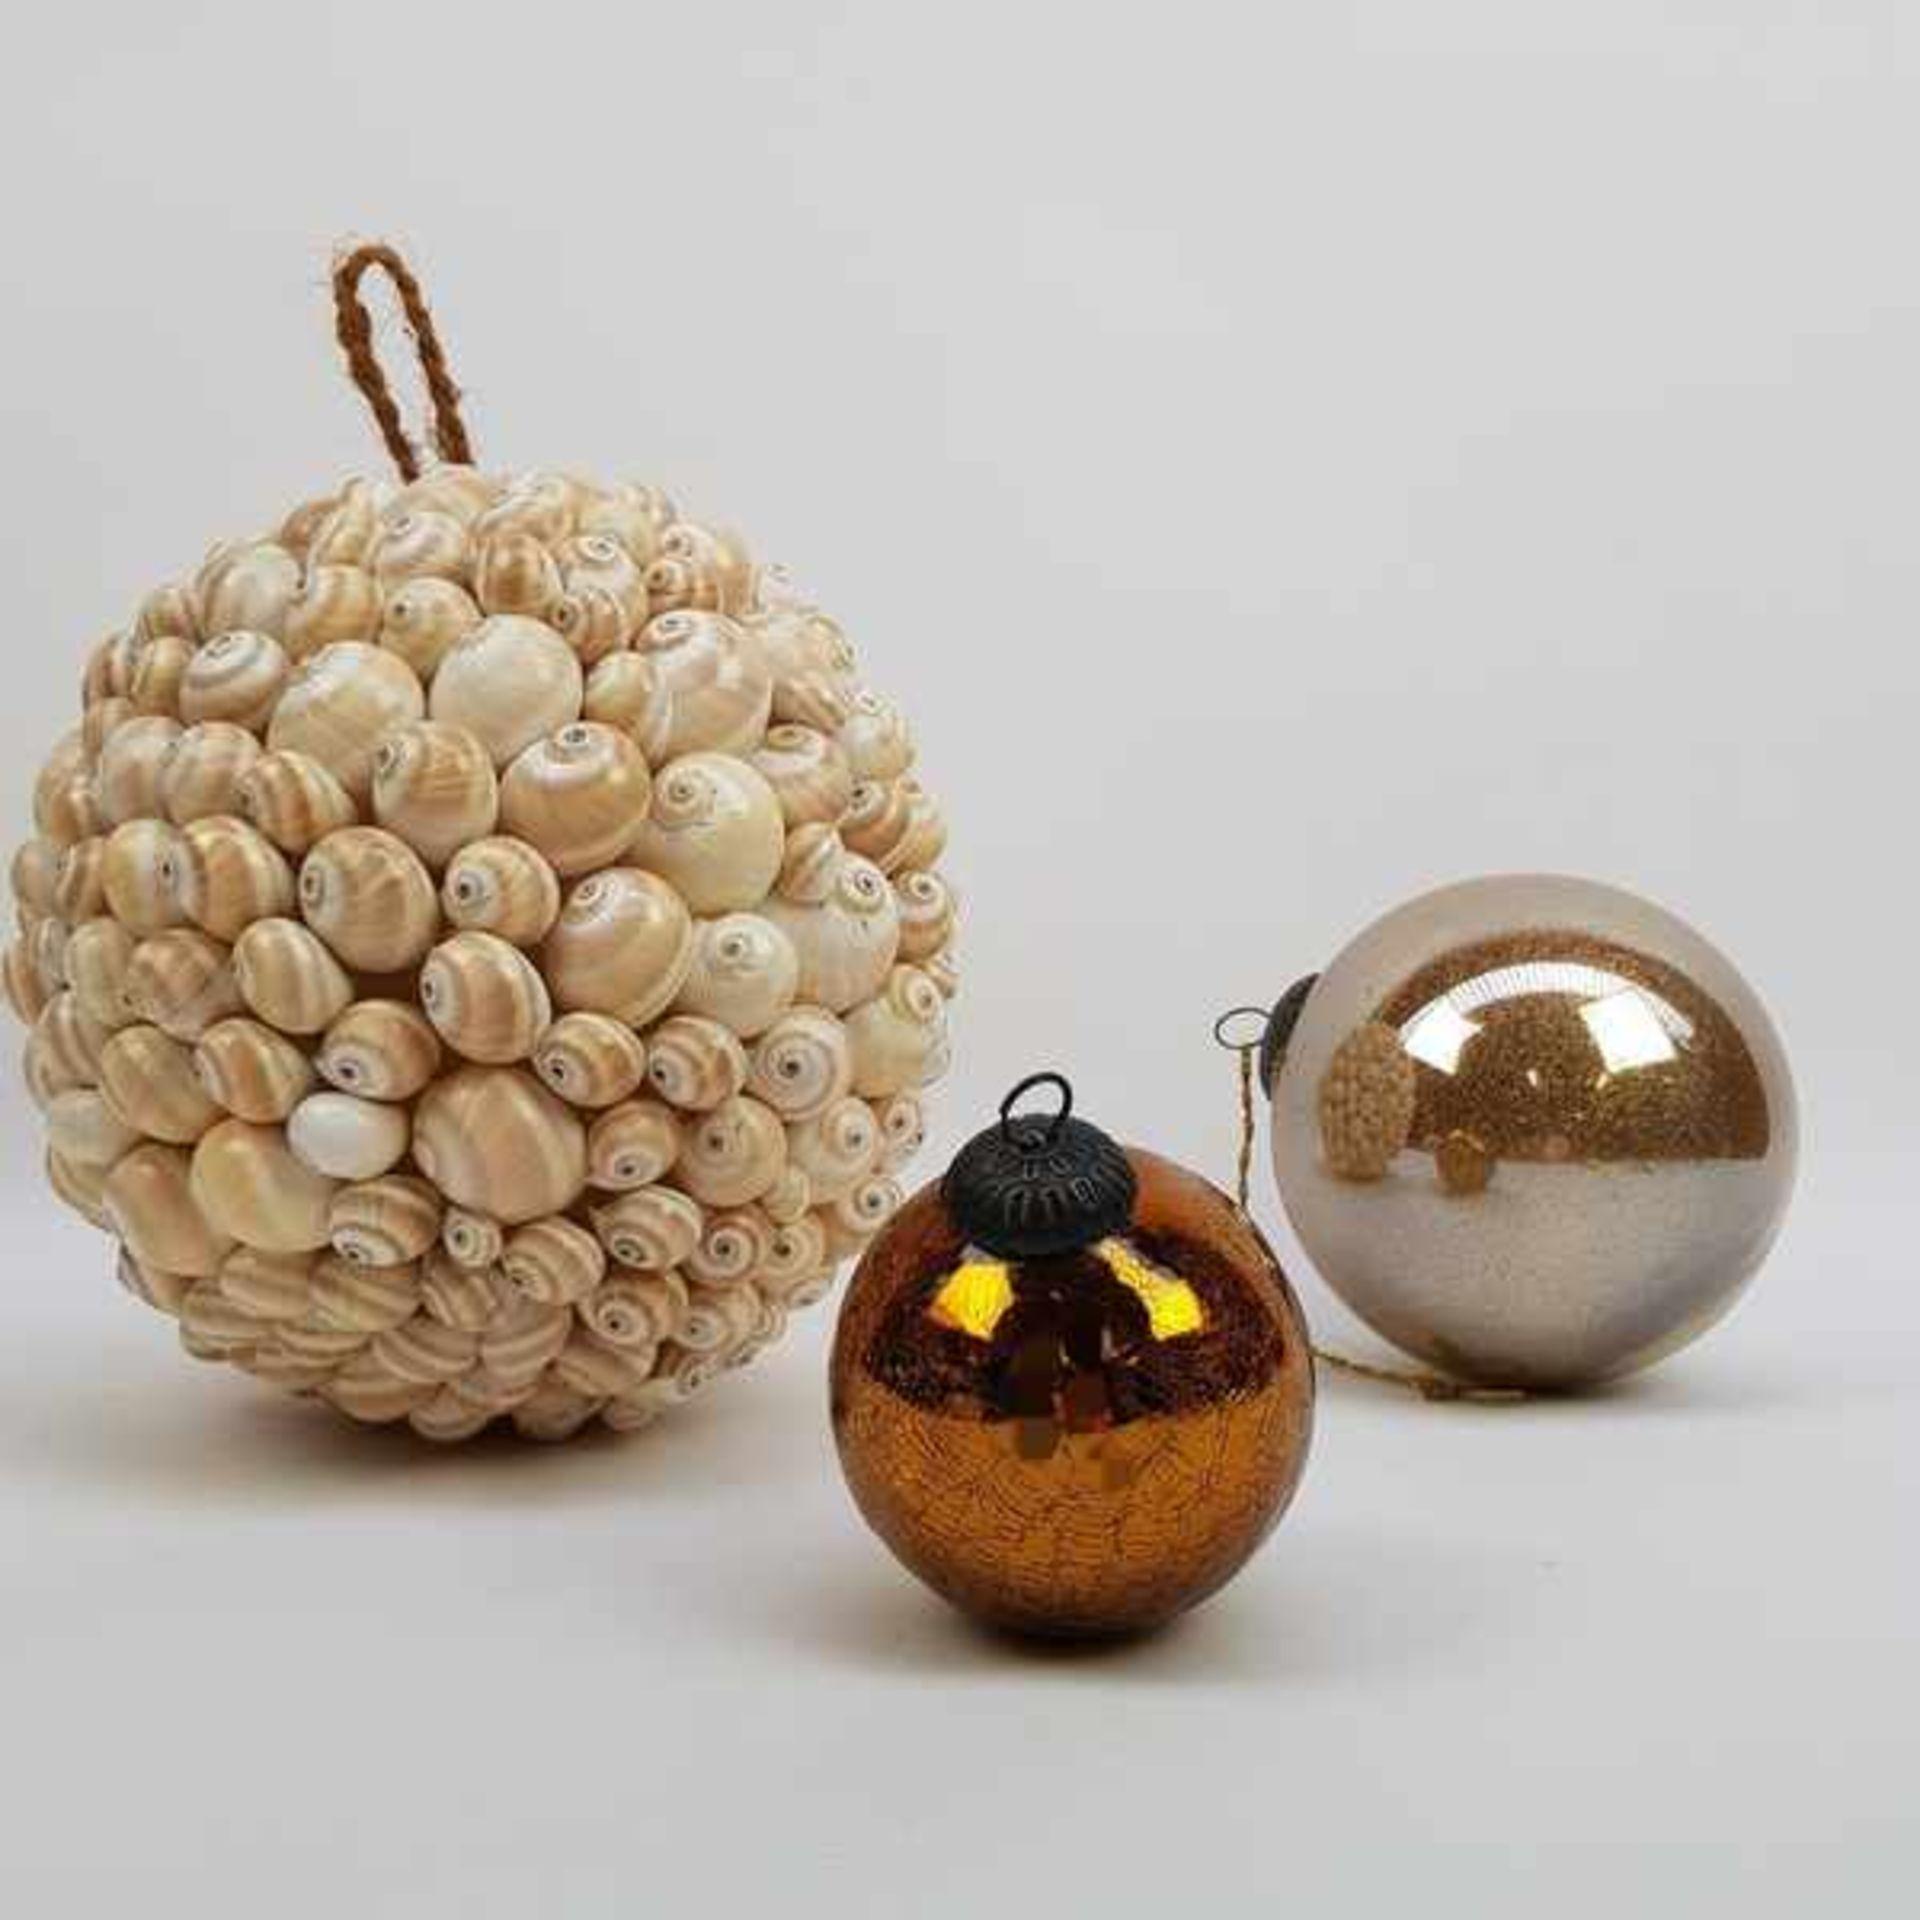 (Curiosa) Heksenballen en bal van schelpen